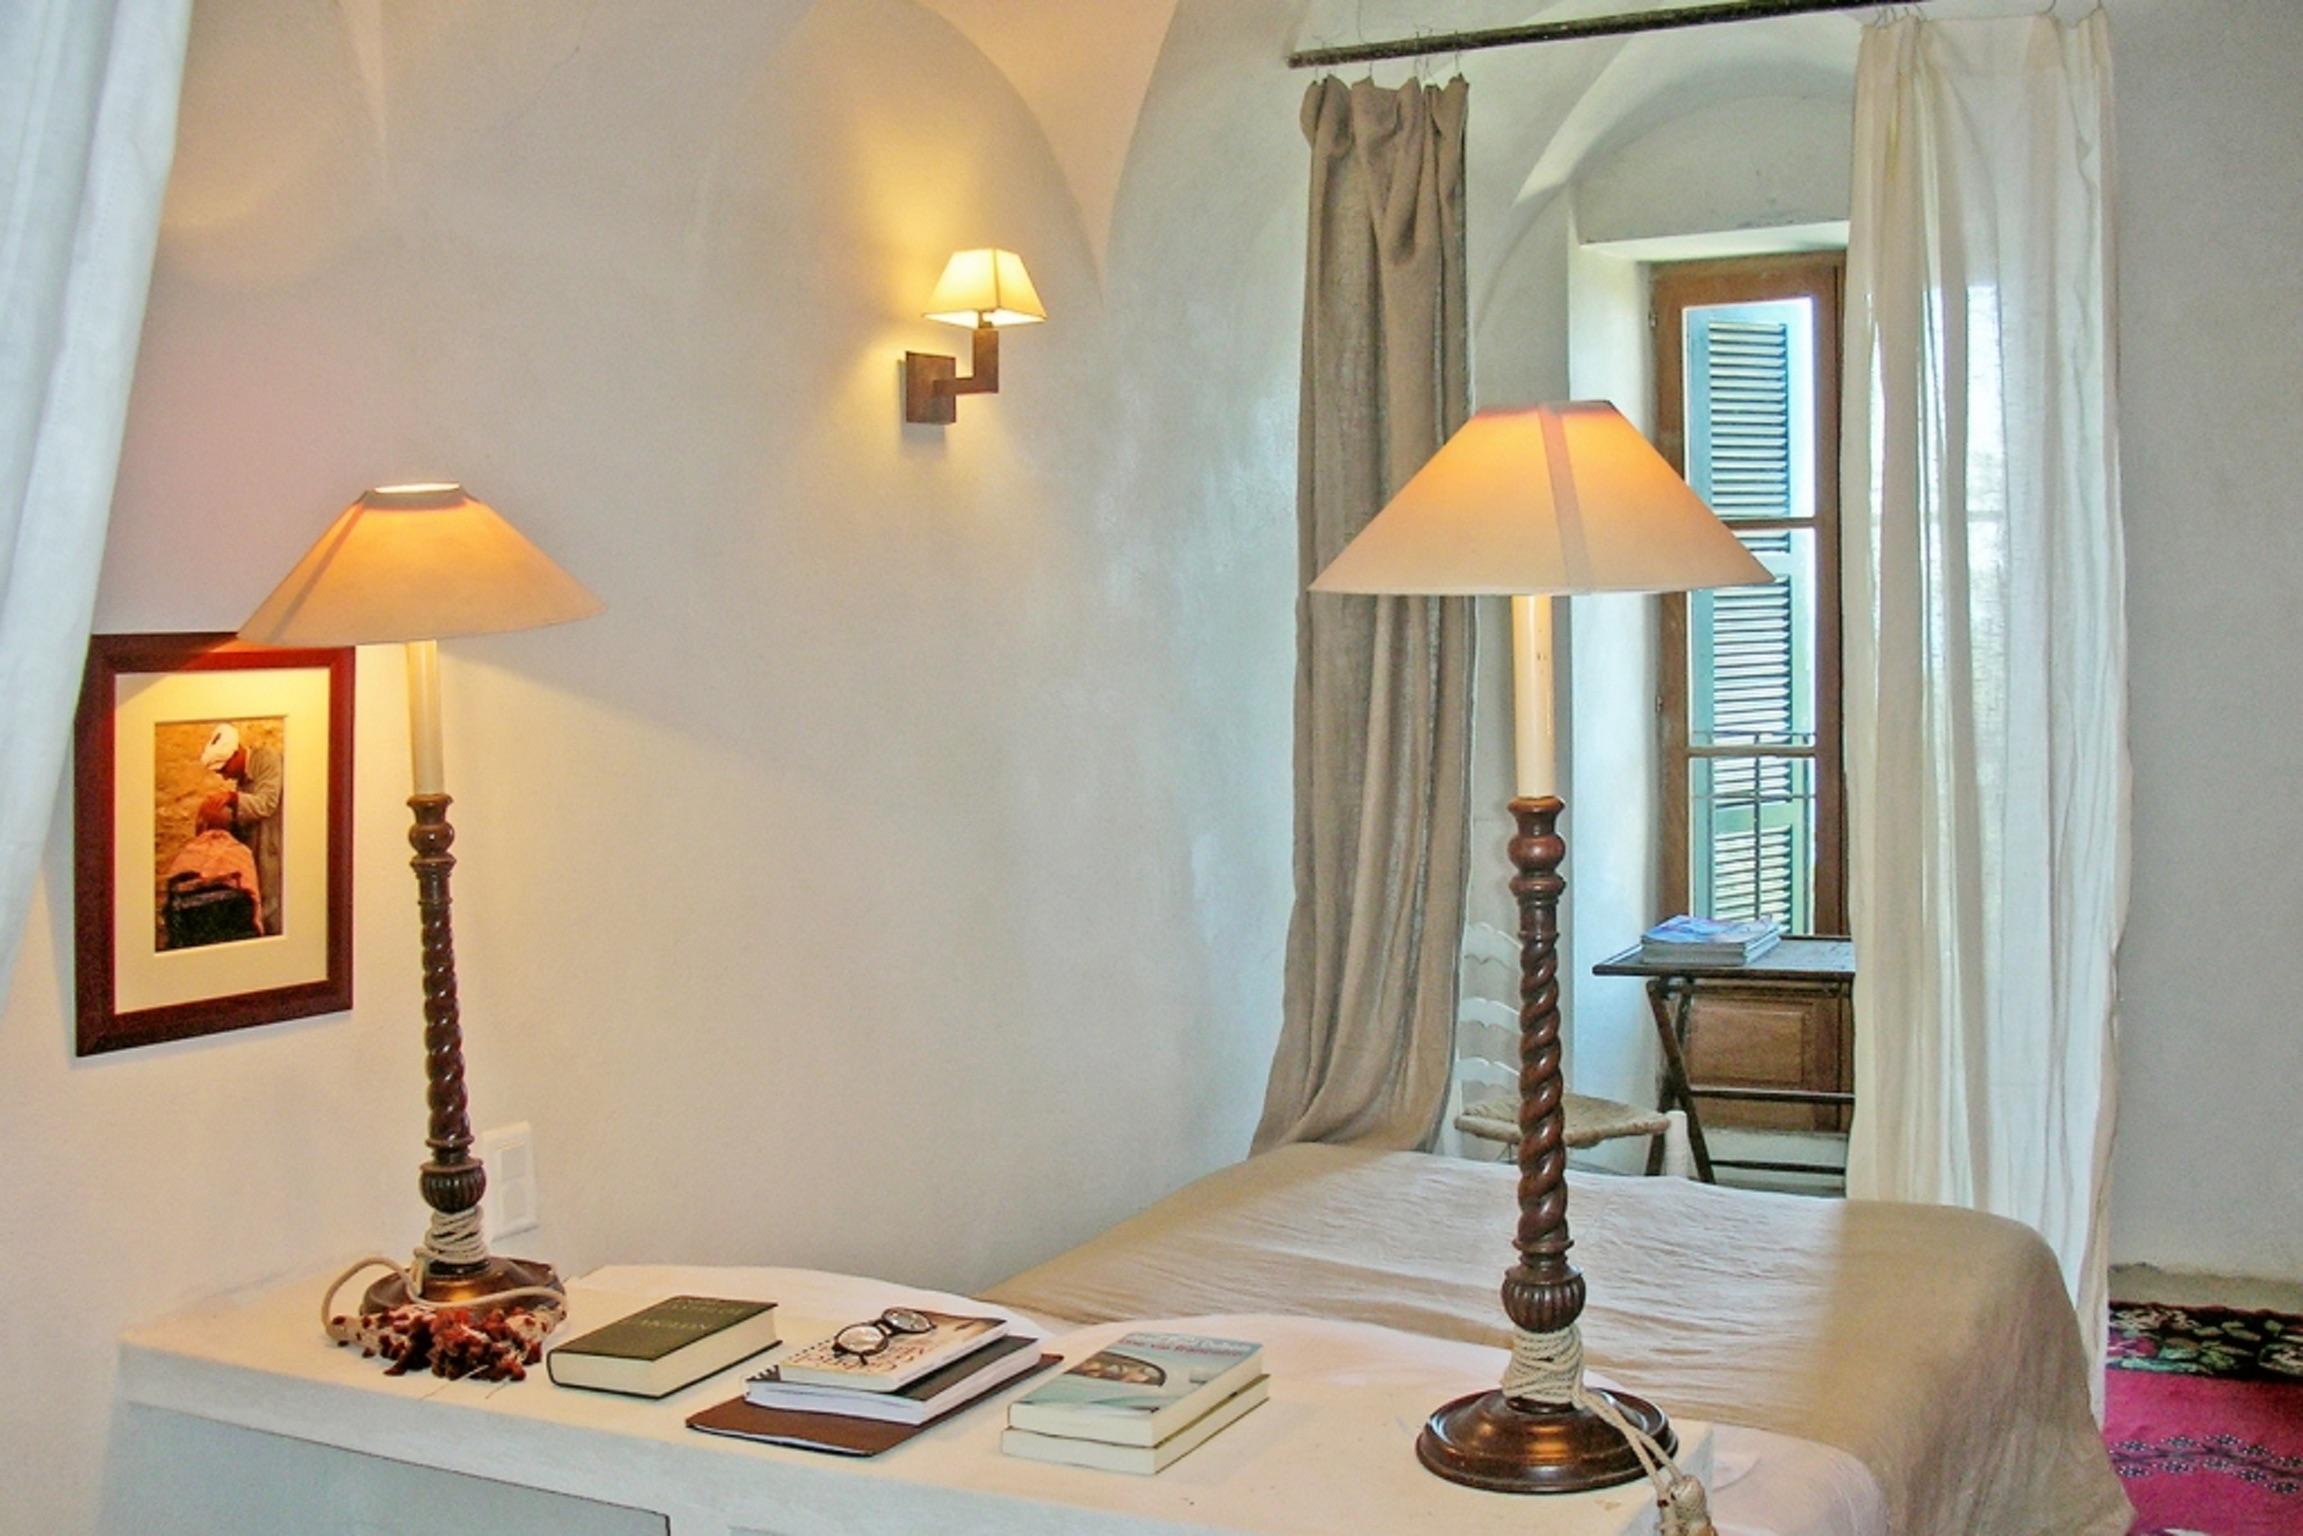 Ferienhaus Herrliches Haus mit neun Schlafzimmern und grandiosem Blick aufs Meer im hübschen Dörfchen (2202571), Centuri, Nordkorsika, Korsika, Frankreich, Bild 18